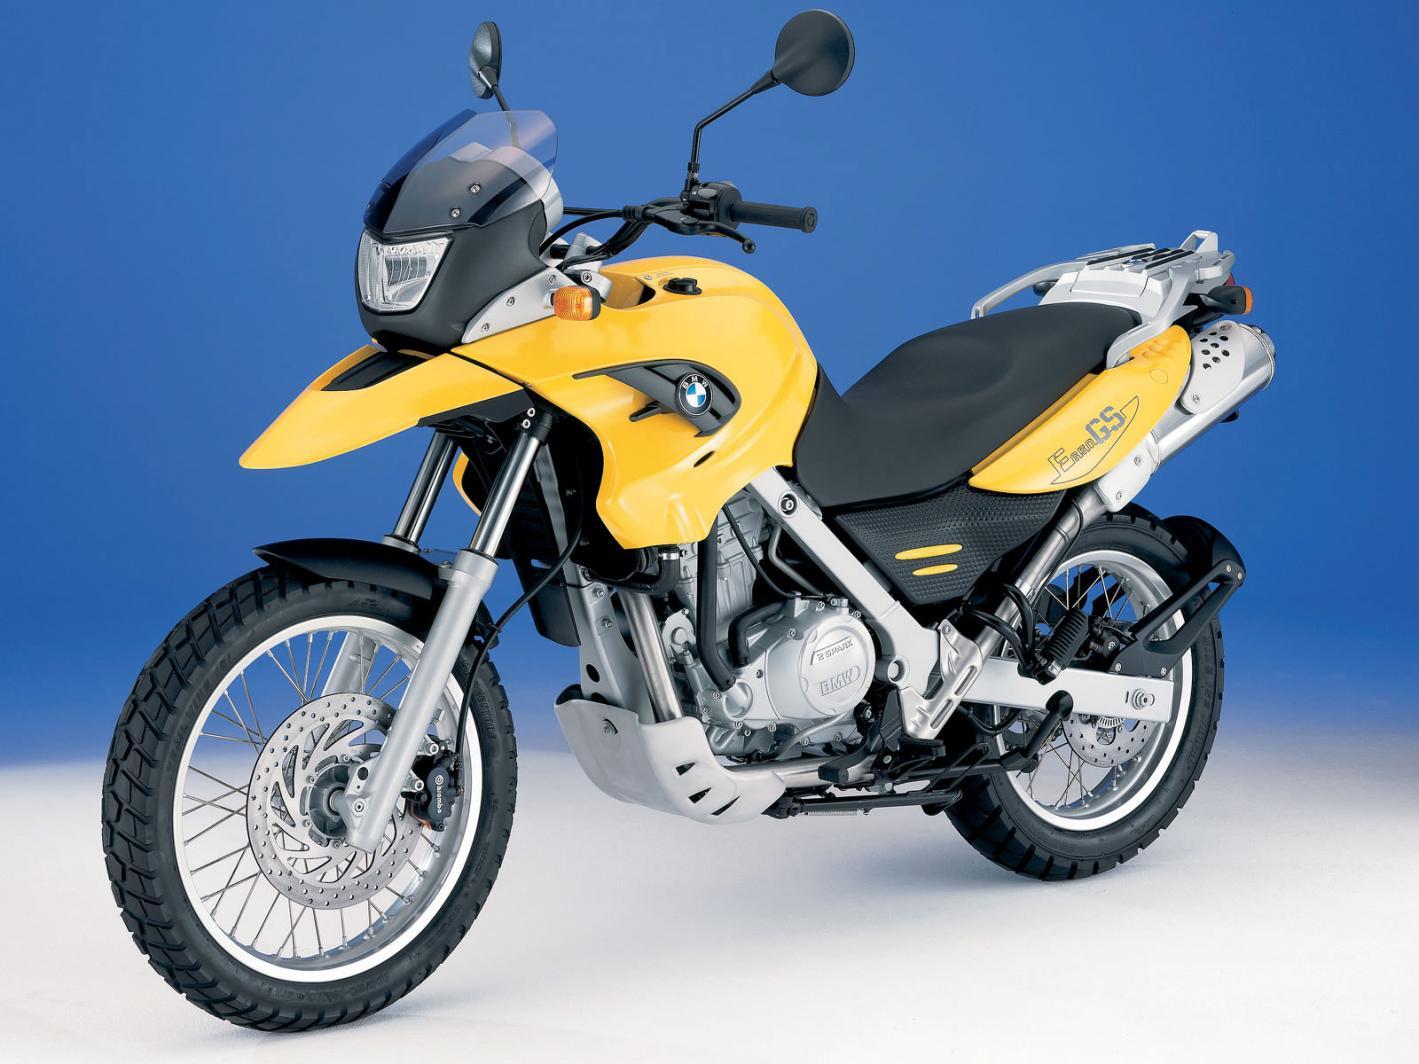 Moto Occasioni acquistare BMW F 650 CS Scarver ABS Moto